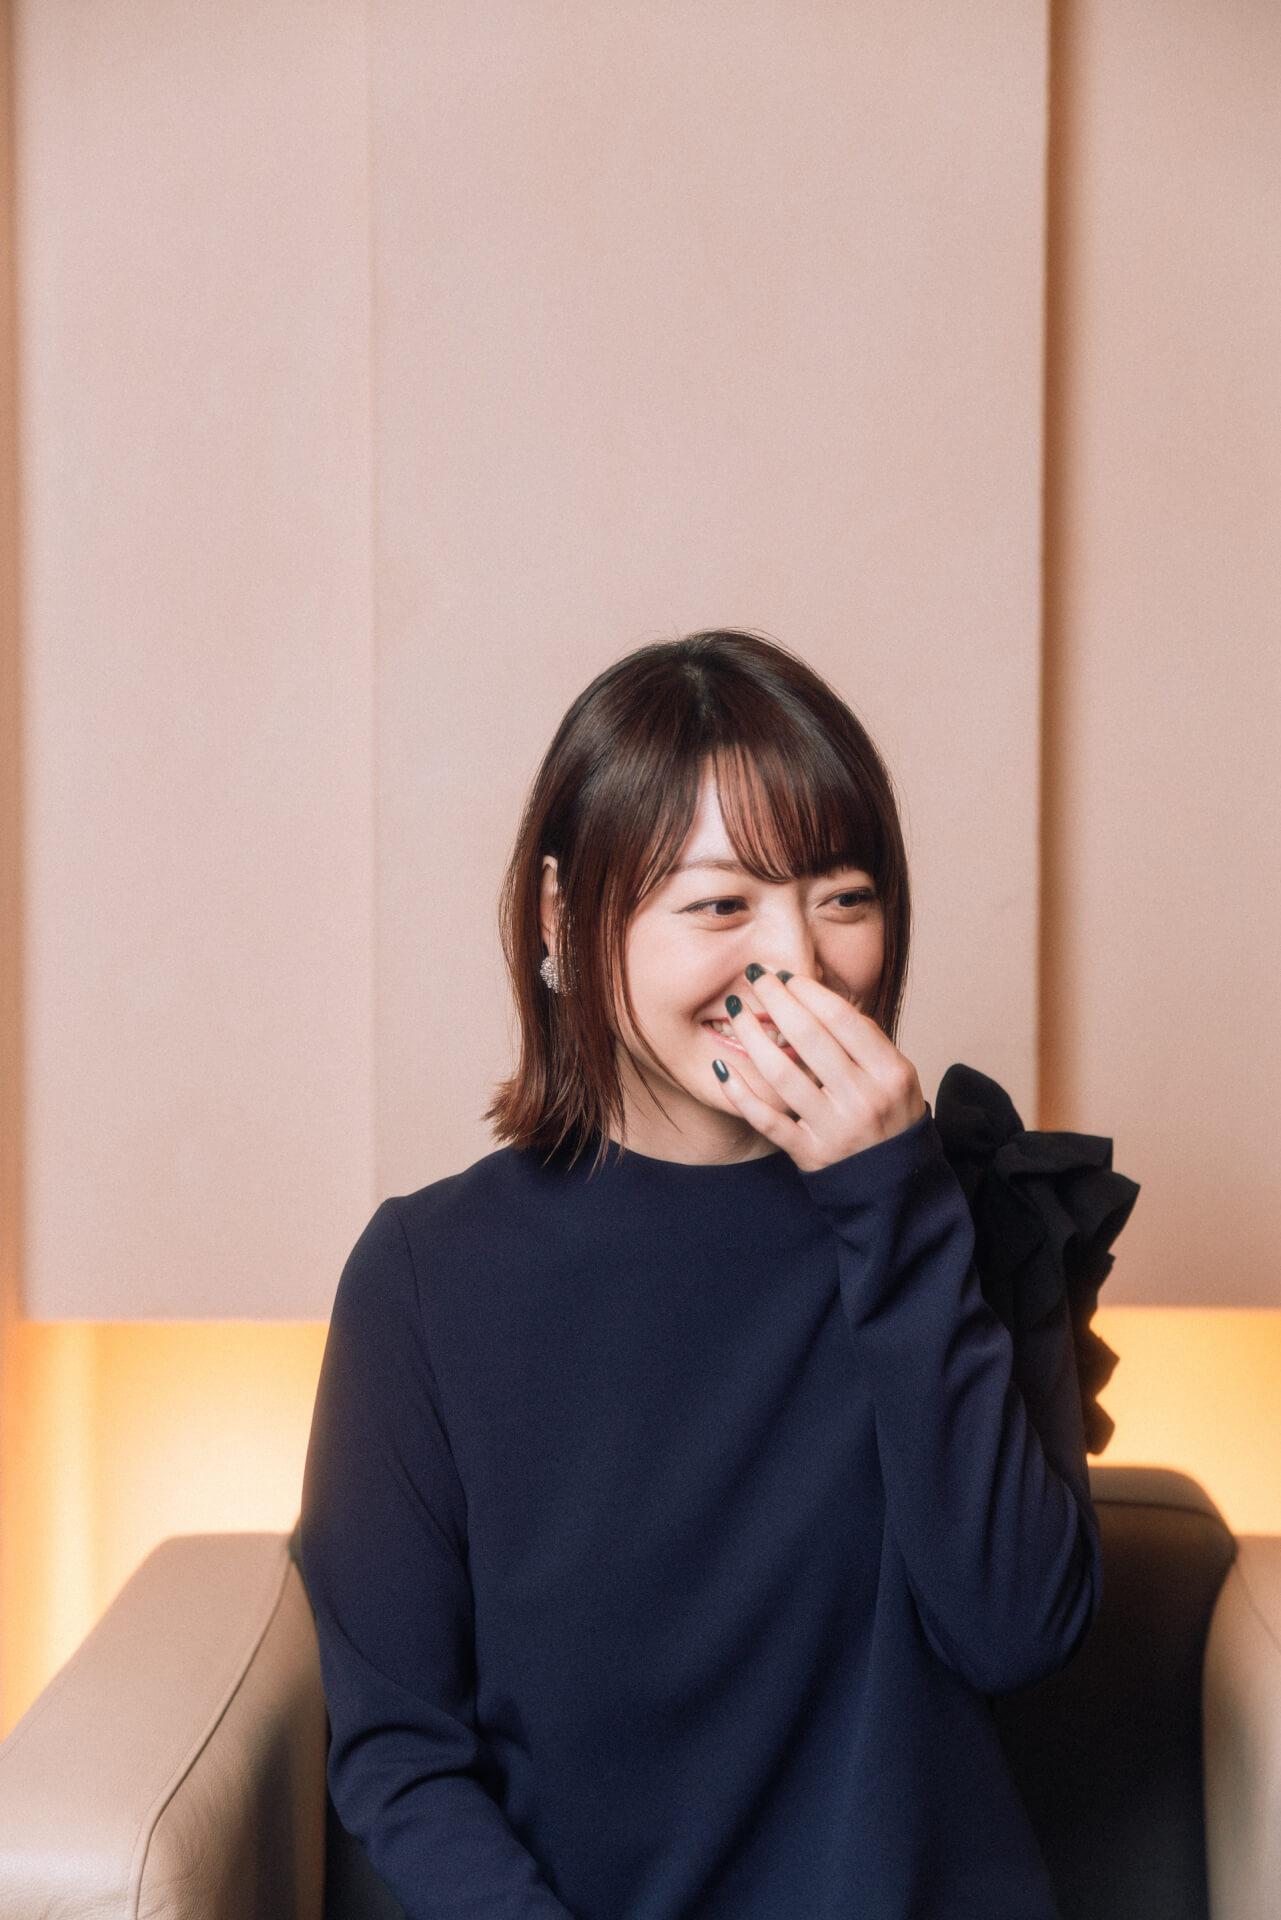 インタビュー:花澤香菜が『羅小黒戦記 ぼくが選ぶ未来』シャオヘイを演じて得た気づき interview201114_hanazawakana_6